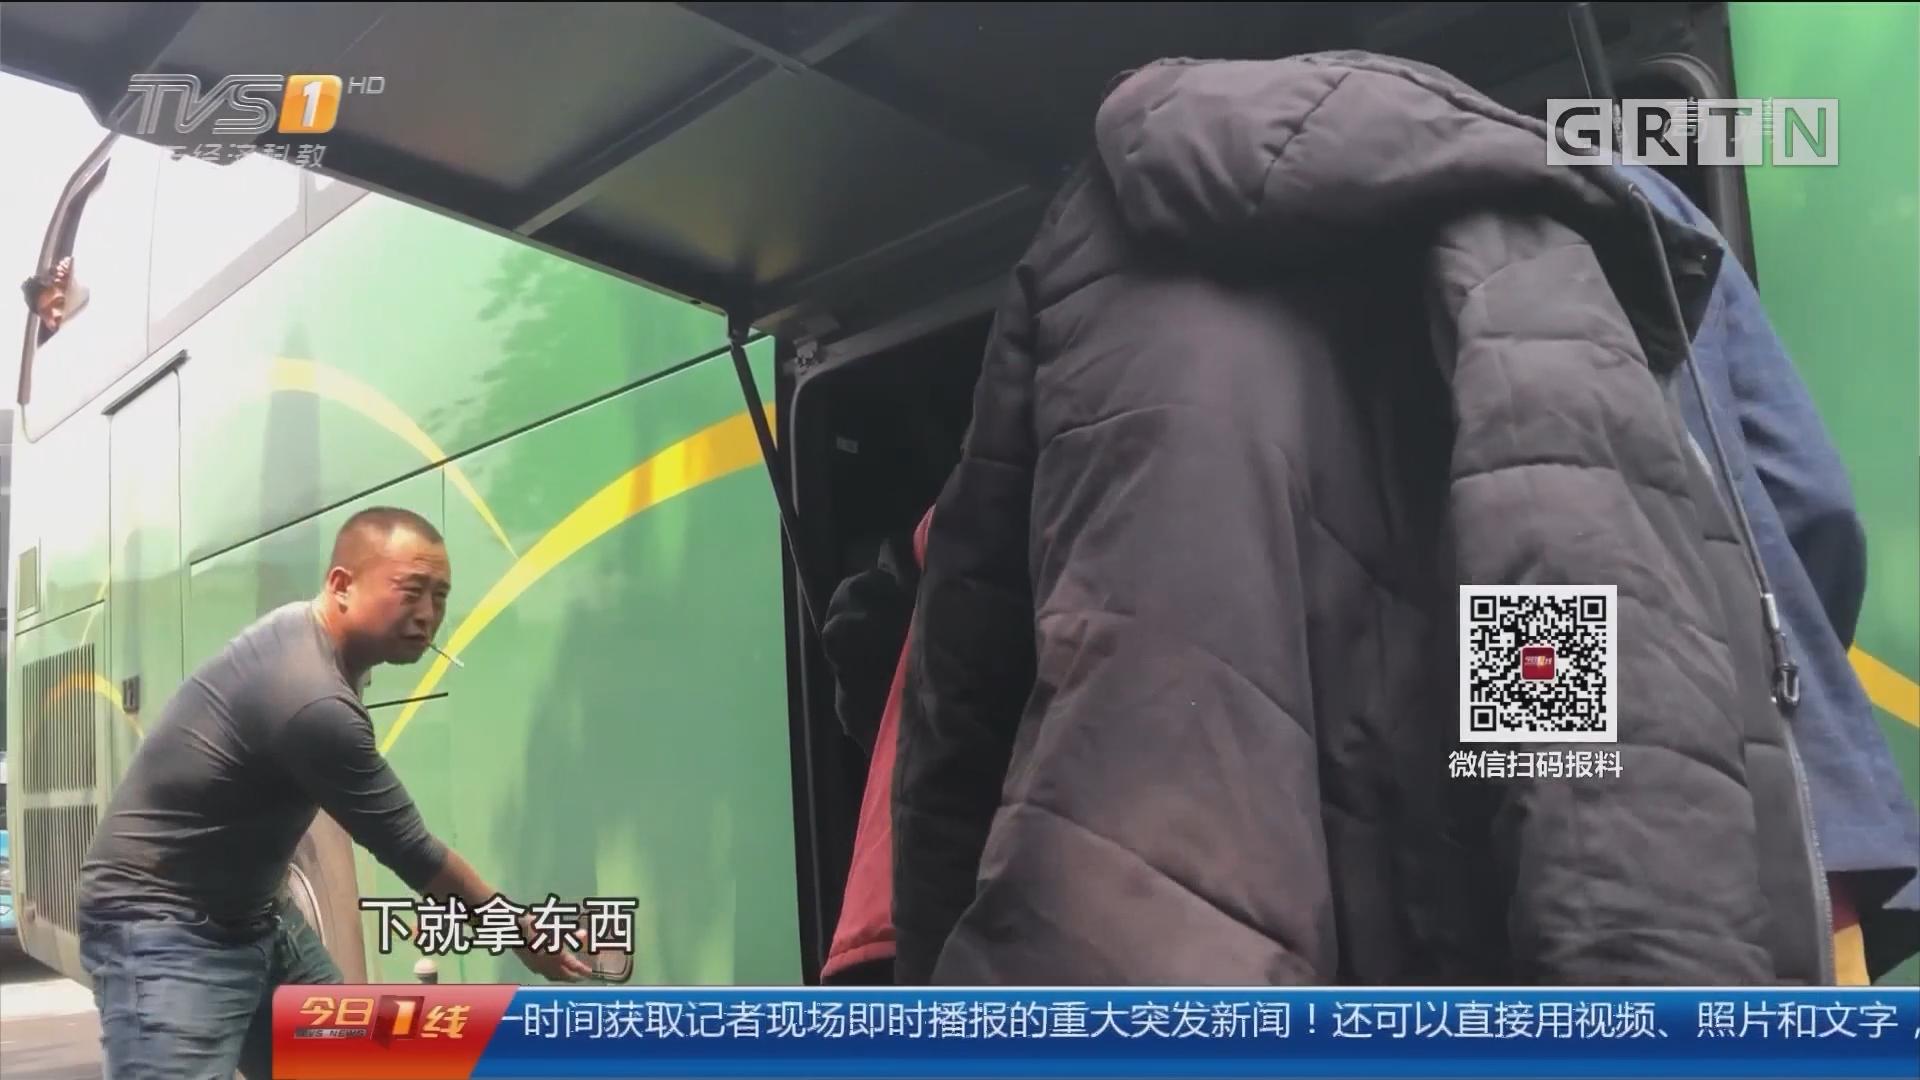 广州北环高速广氮服务区:客运大巴 服务区违规下客